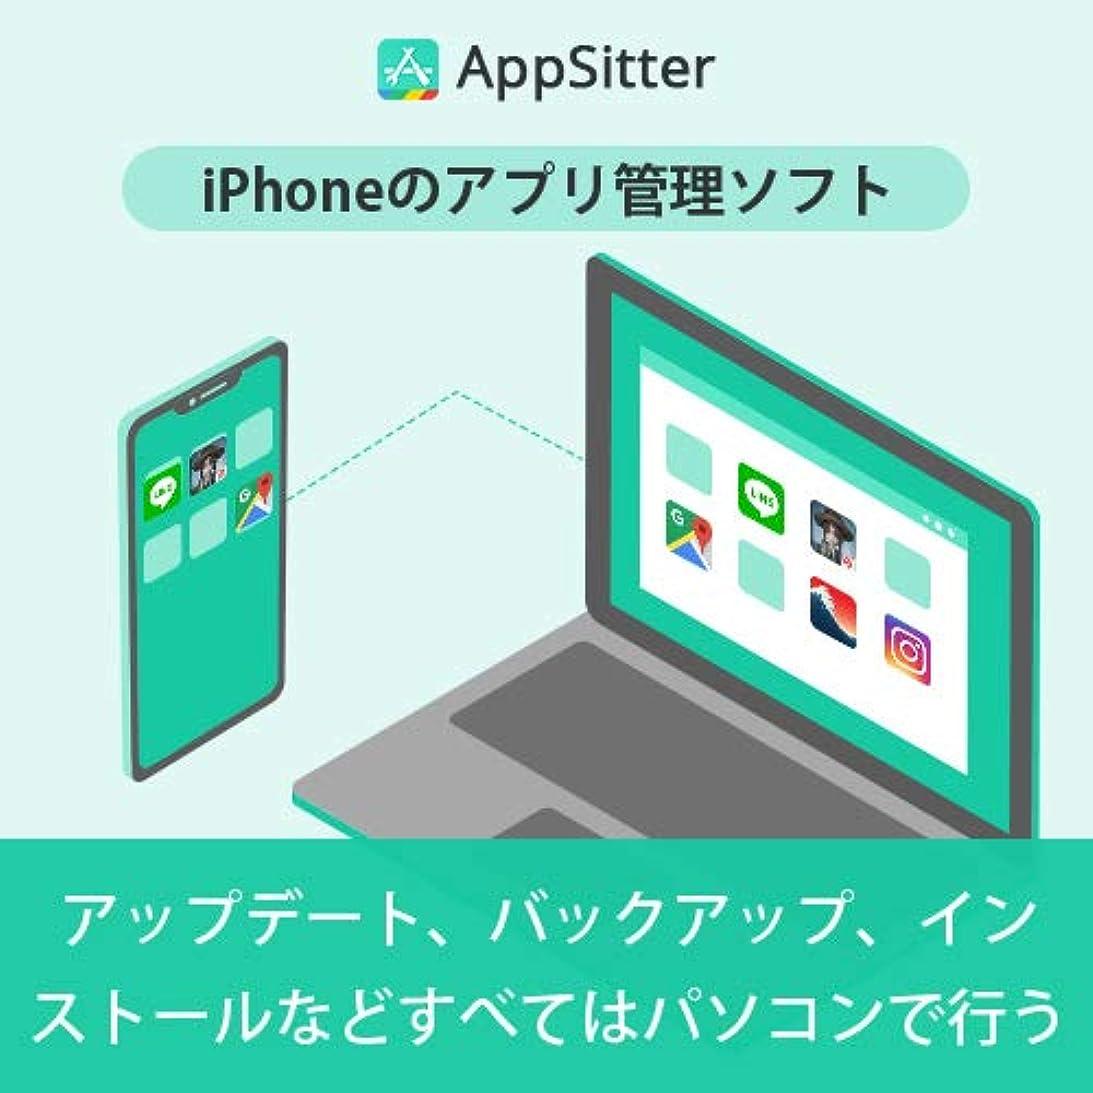 不機嫌プリーツダムAppSitter for Win 1ライセンス【iPhone、iPad のアプリをパソコンの画面から効率管理! アプリのダウンロード保存、ホーム画面の管理にも】|ダウンロード版